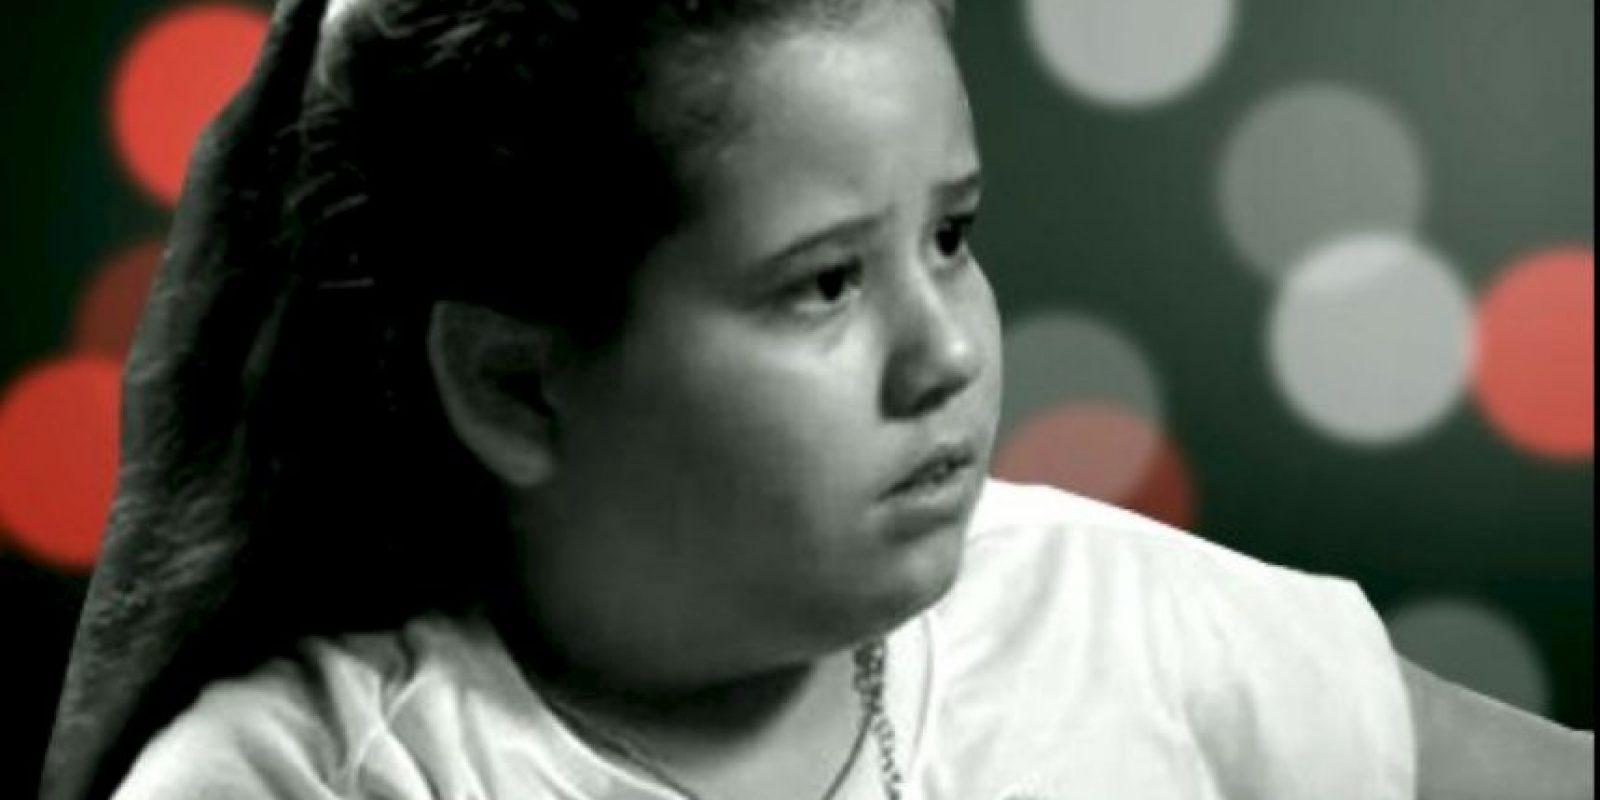 El personaje fue interpretado por Ana Karolina Lannes, de ahora 15 años. Foto:vía Globo